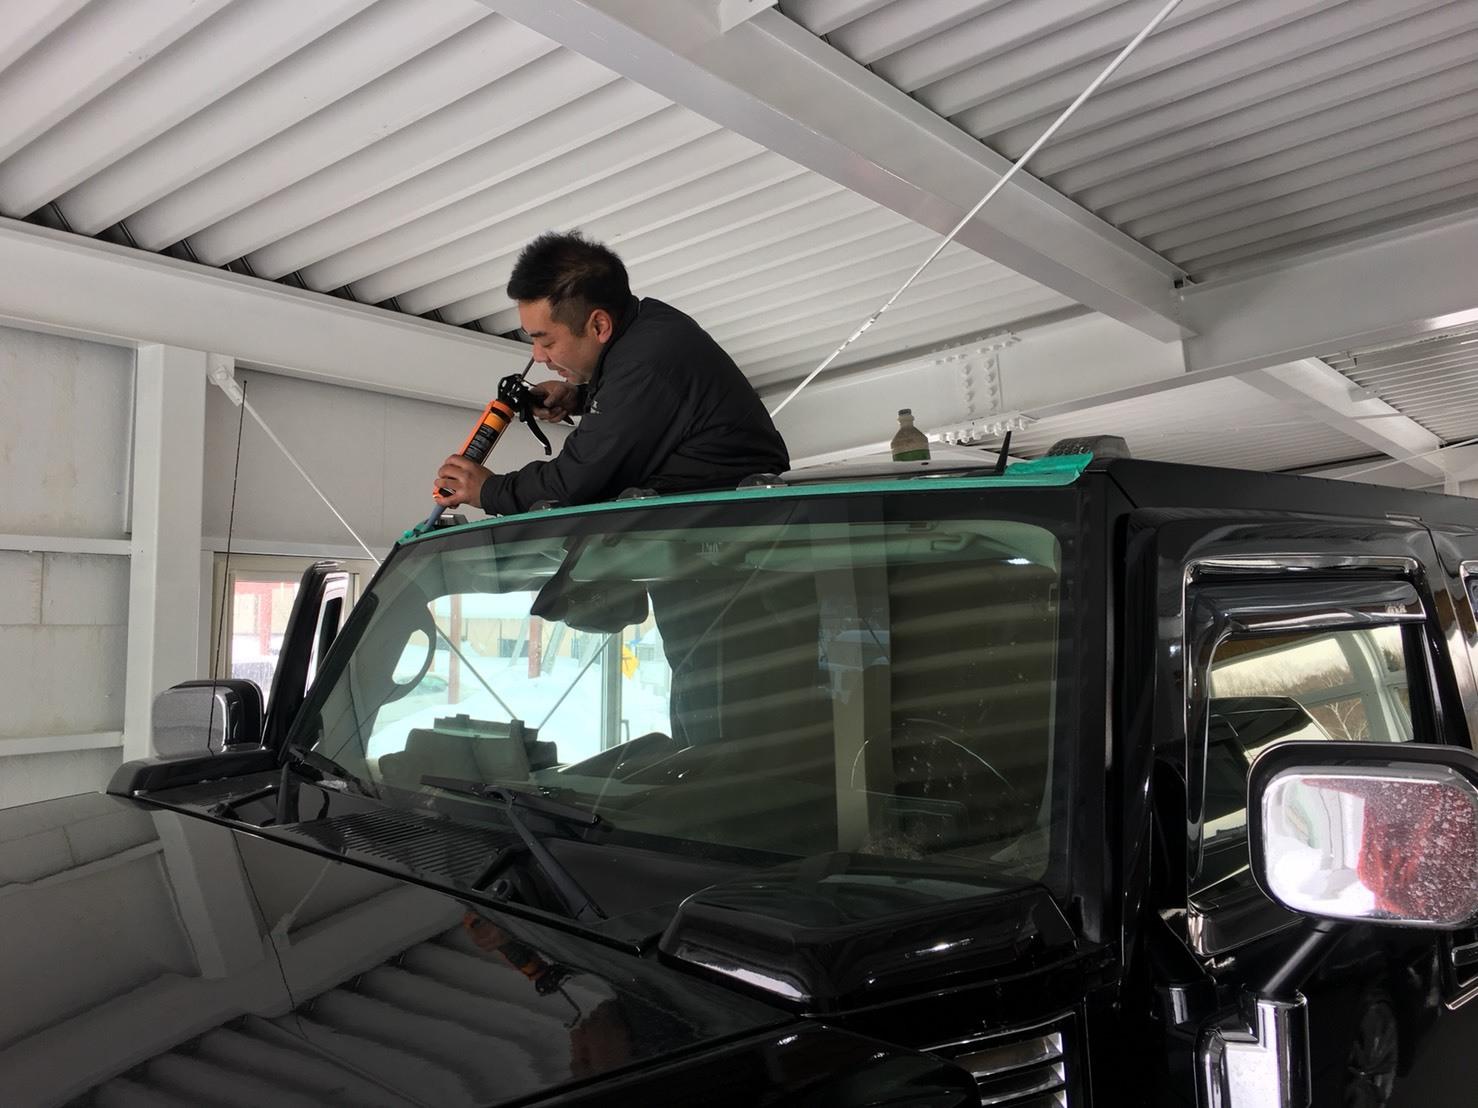 2月26日(月)トミーベース カスタムブログ☆新型QX802台入庫確定☆LS460後期AWD LS600hLエグゼクティブPKGもご紹介していきます☆_b0127002_11250893.jpg